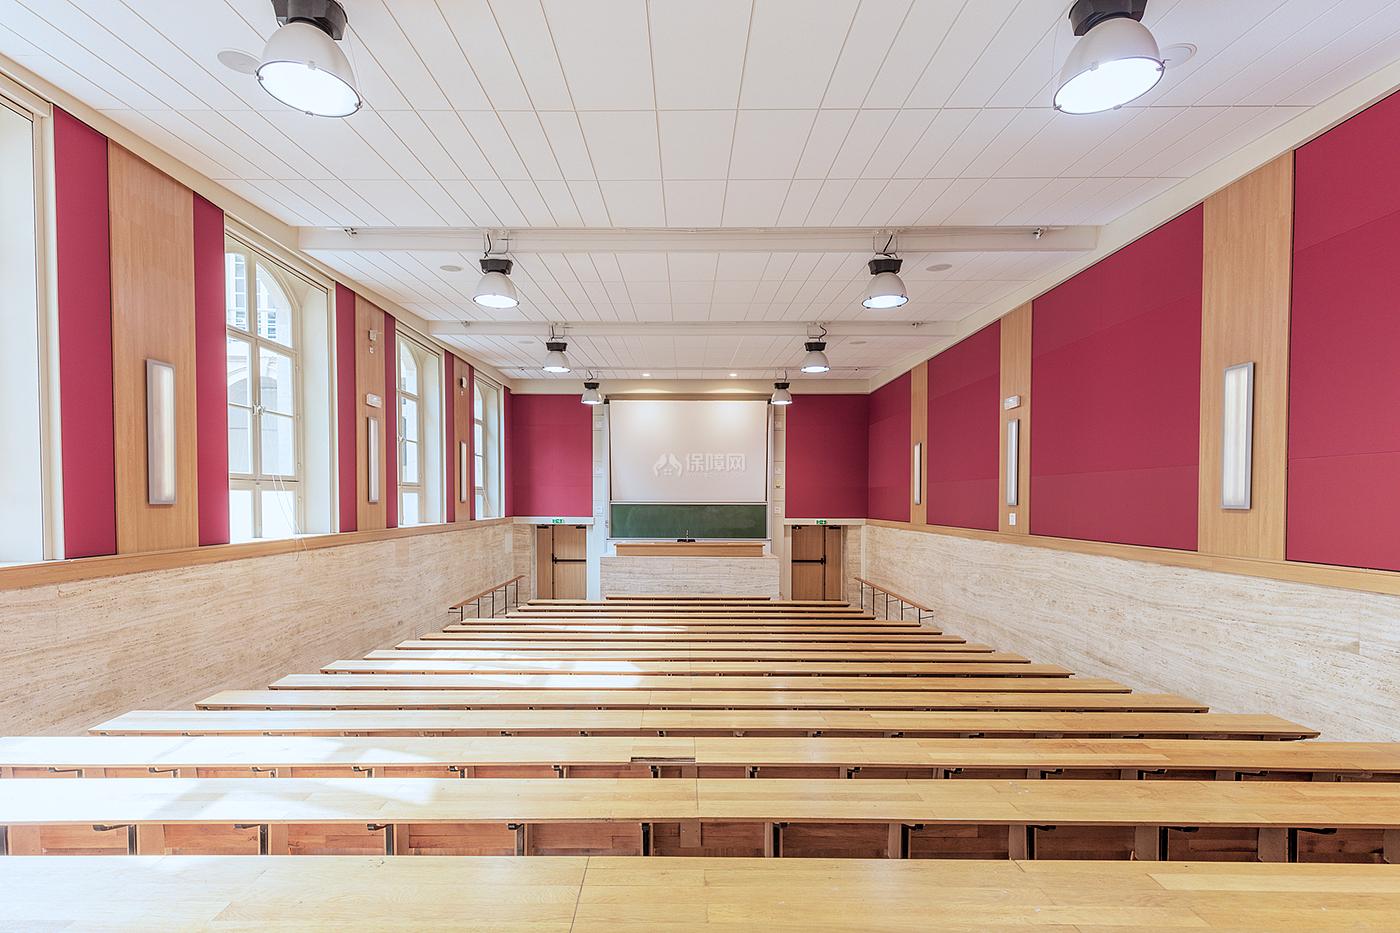 阶梯教室文化场馆之两边墙面装饰效果图